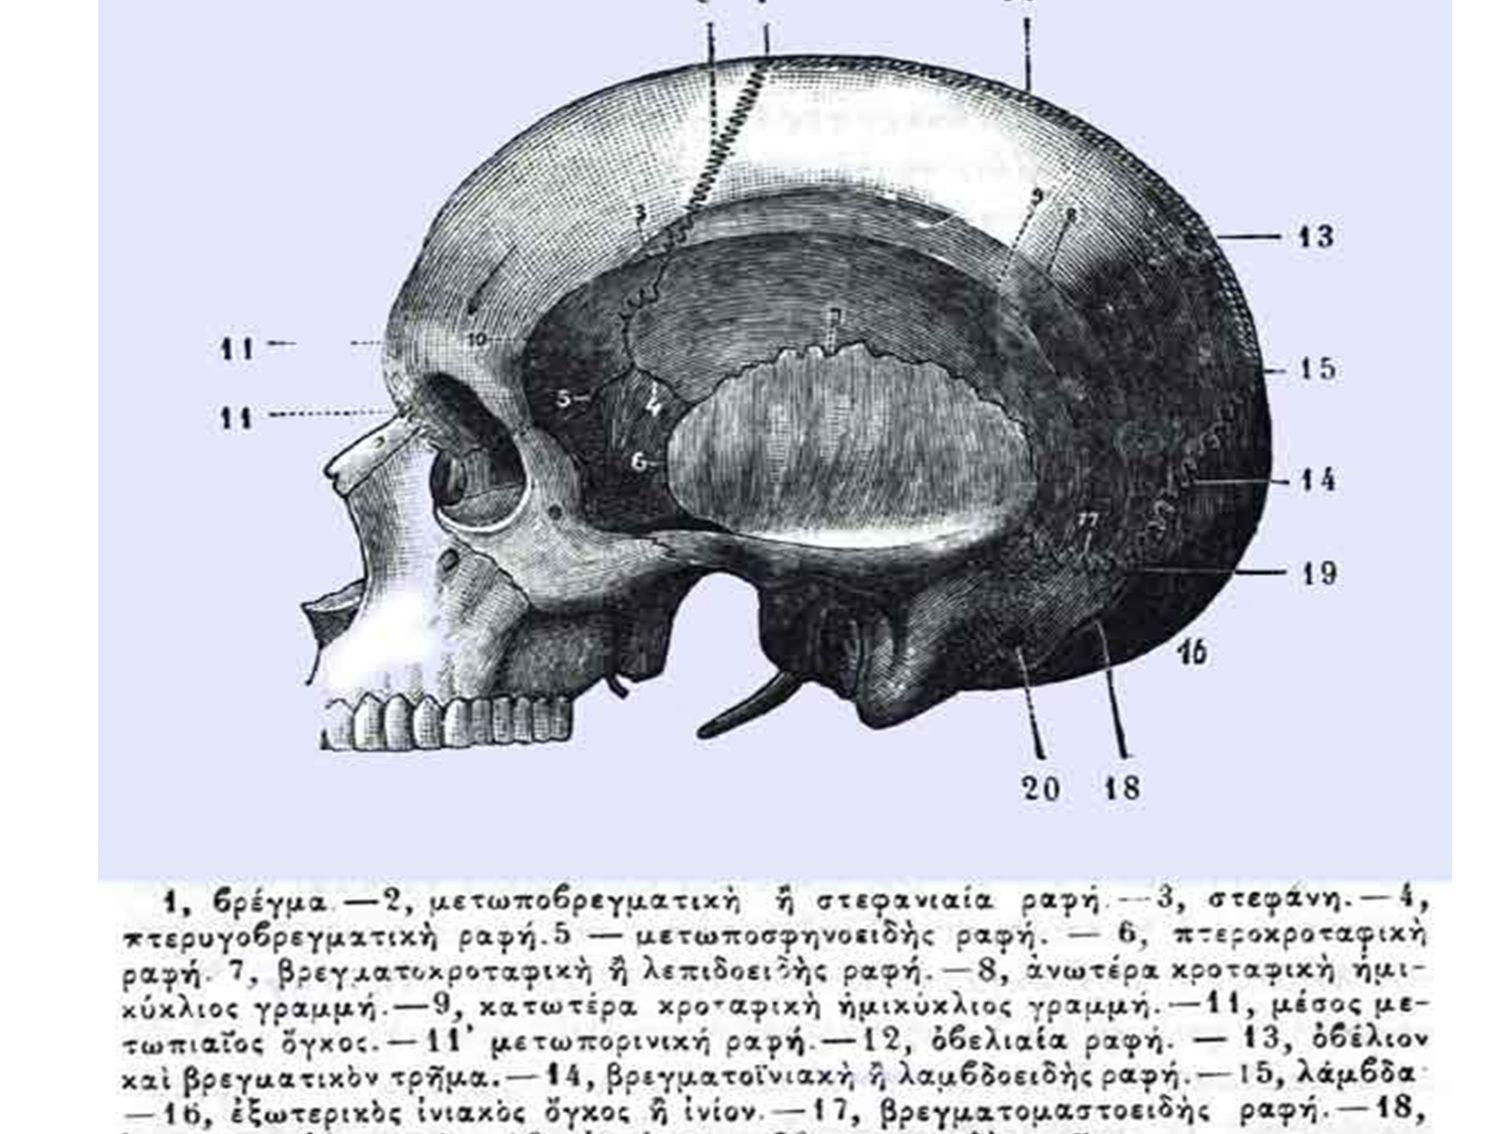 Μετωπιαίο, σφηνοειδές, οστά της μύτης, άνω γνάθος, κάτω γνάθος, μασοειδής απόφυση, στόμιο ακουστικού πόρου, ινιακό.